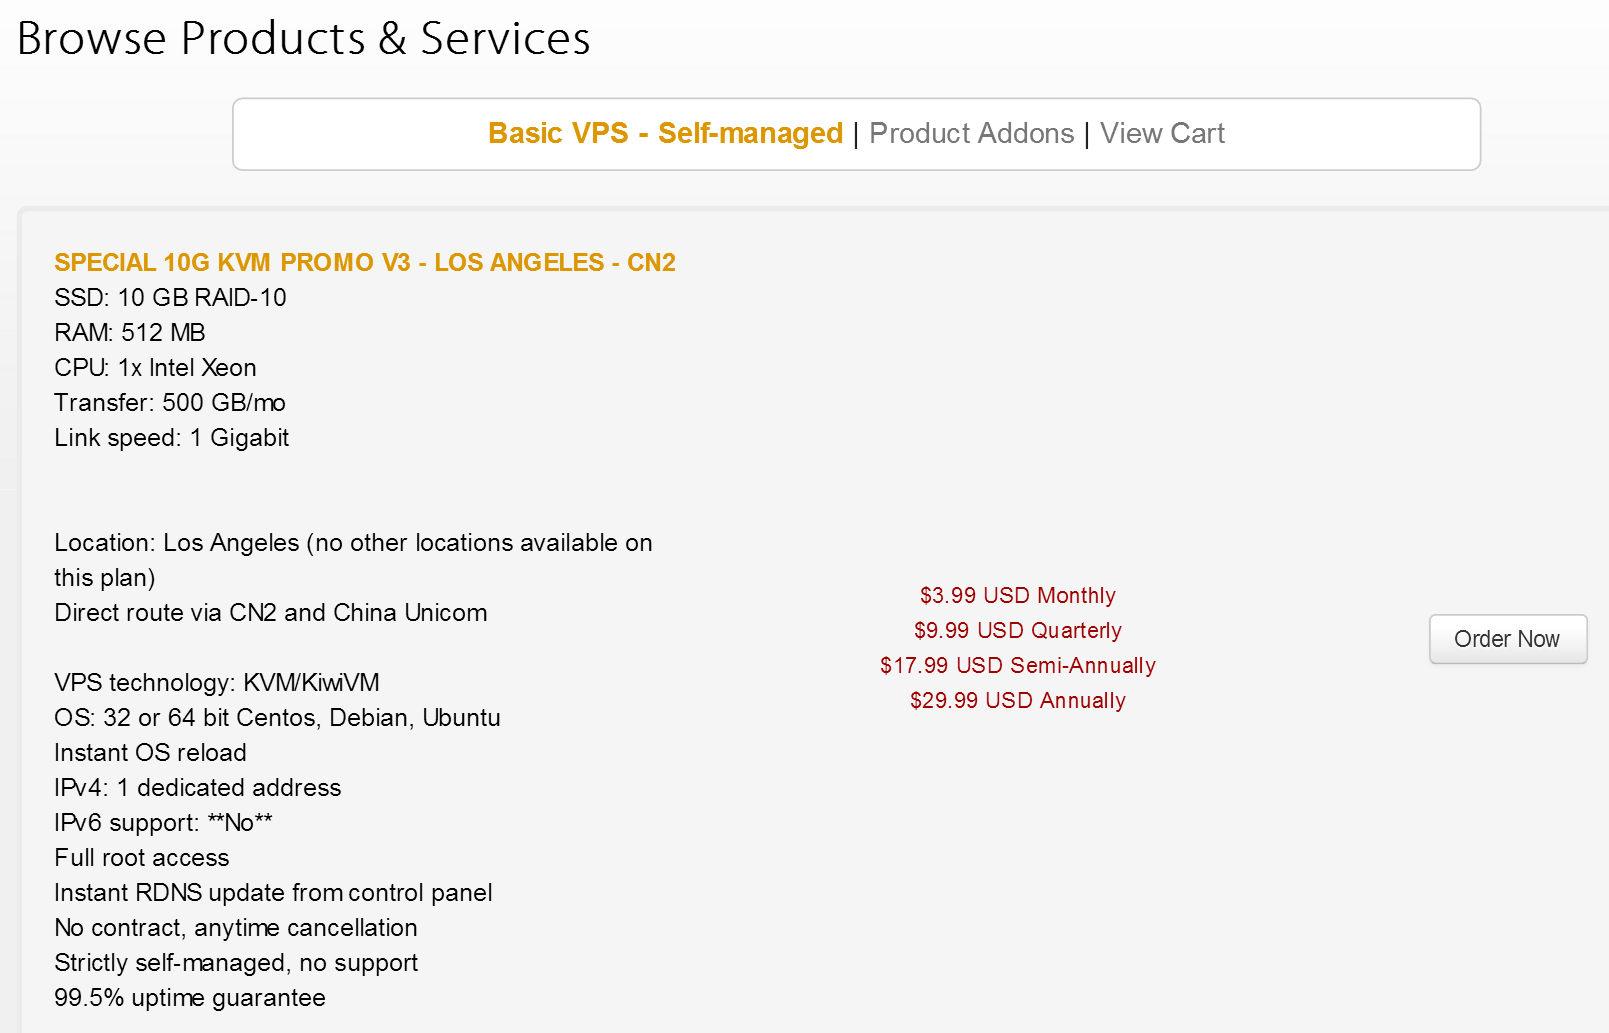 搬瓦工最新CN2线路,内陆三网急速链接,价格低至15¥/月